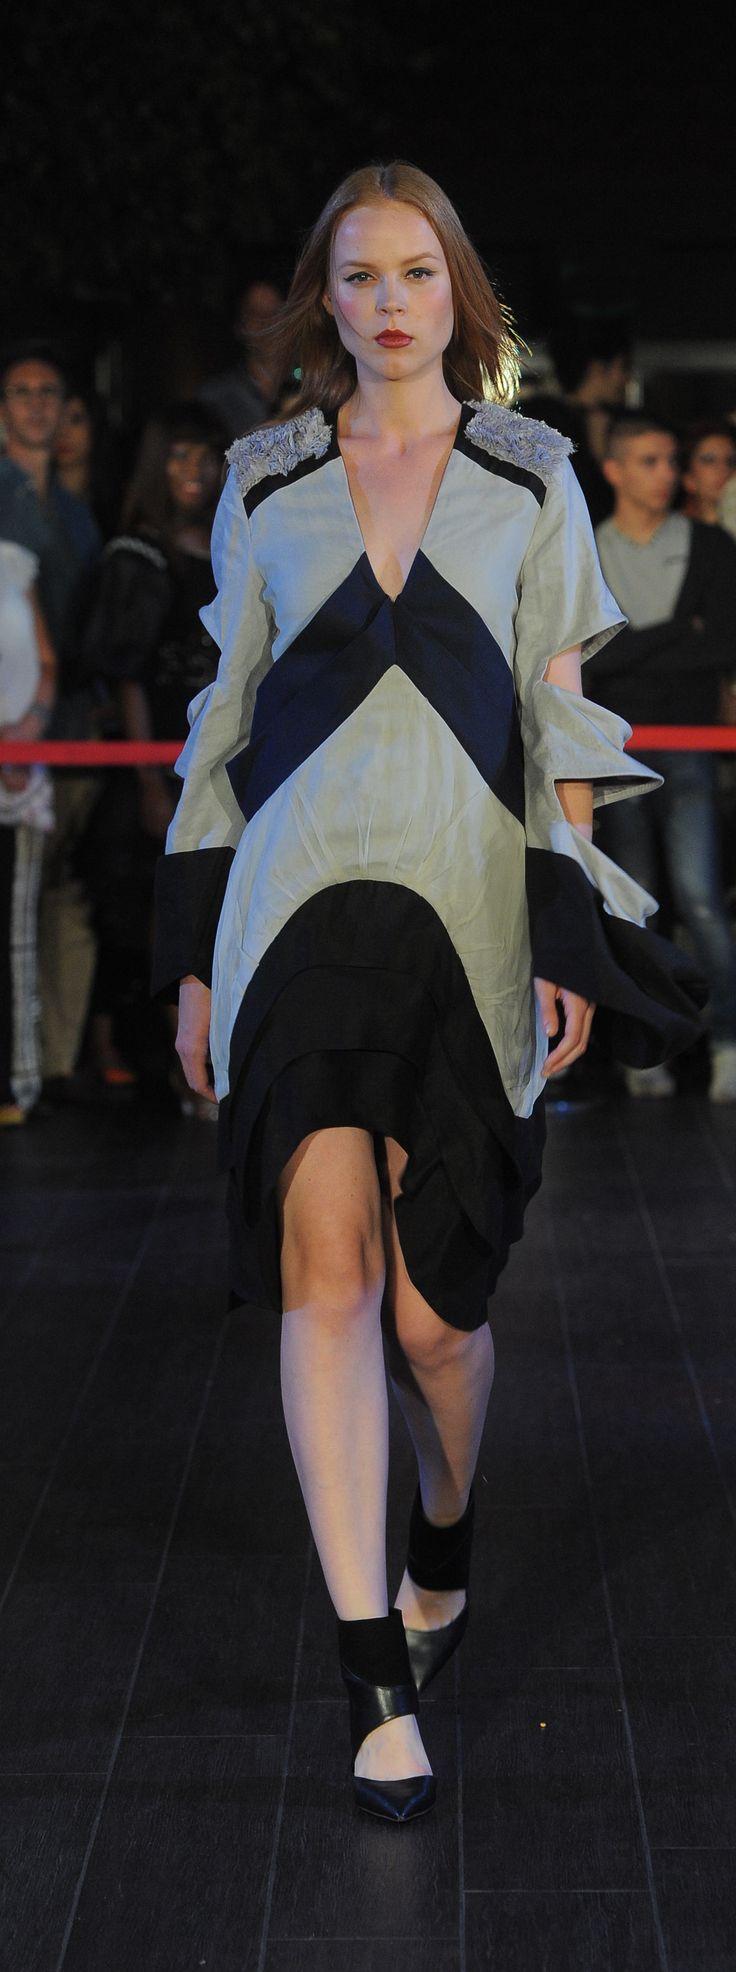 FASHION SHOW 2015 Istituto di Moda Burgo - INDONESIA www.imb.it  Abito realizzato da Patricia Thebez, Stilista di Moda  Creation of Patricia Thebez, Fashion Stylist